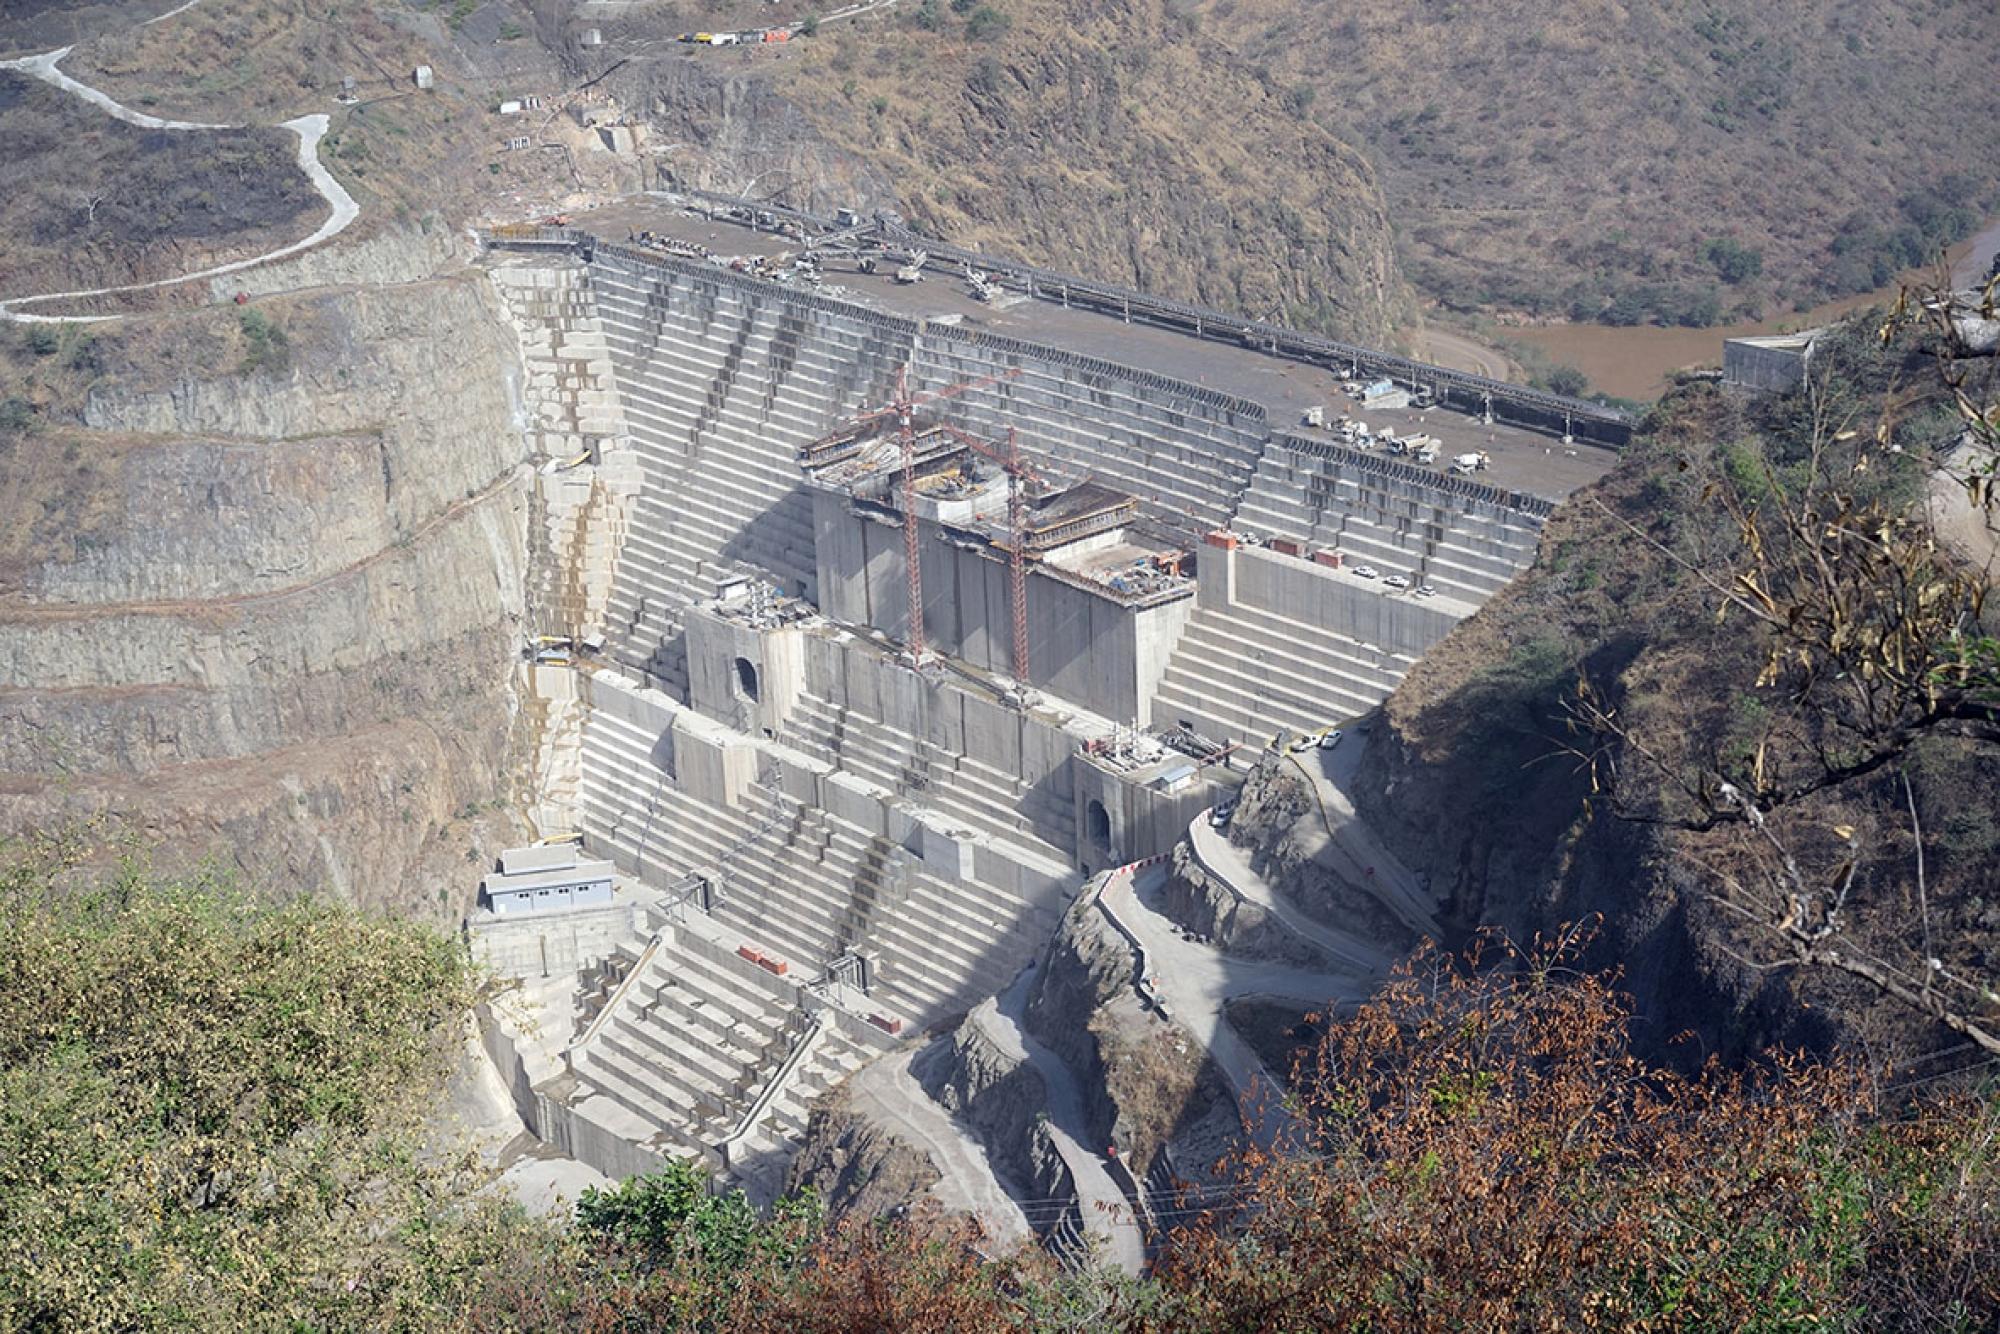 L'Ethiopie inaugure le plus haut barrage hydroélectrique d'Afrique - L 'EnerGeek